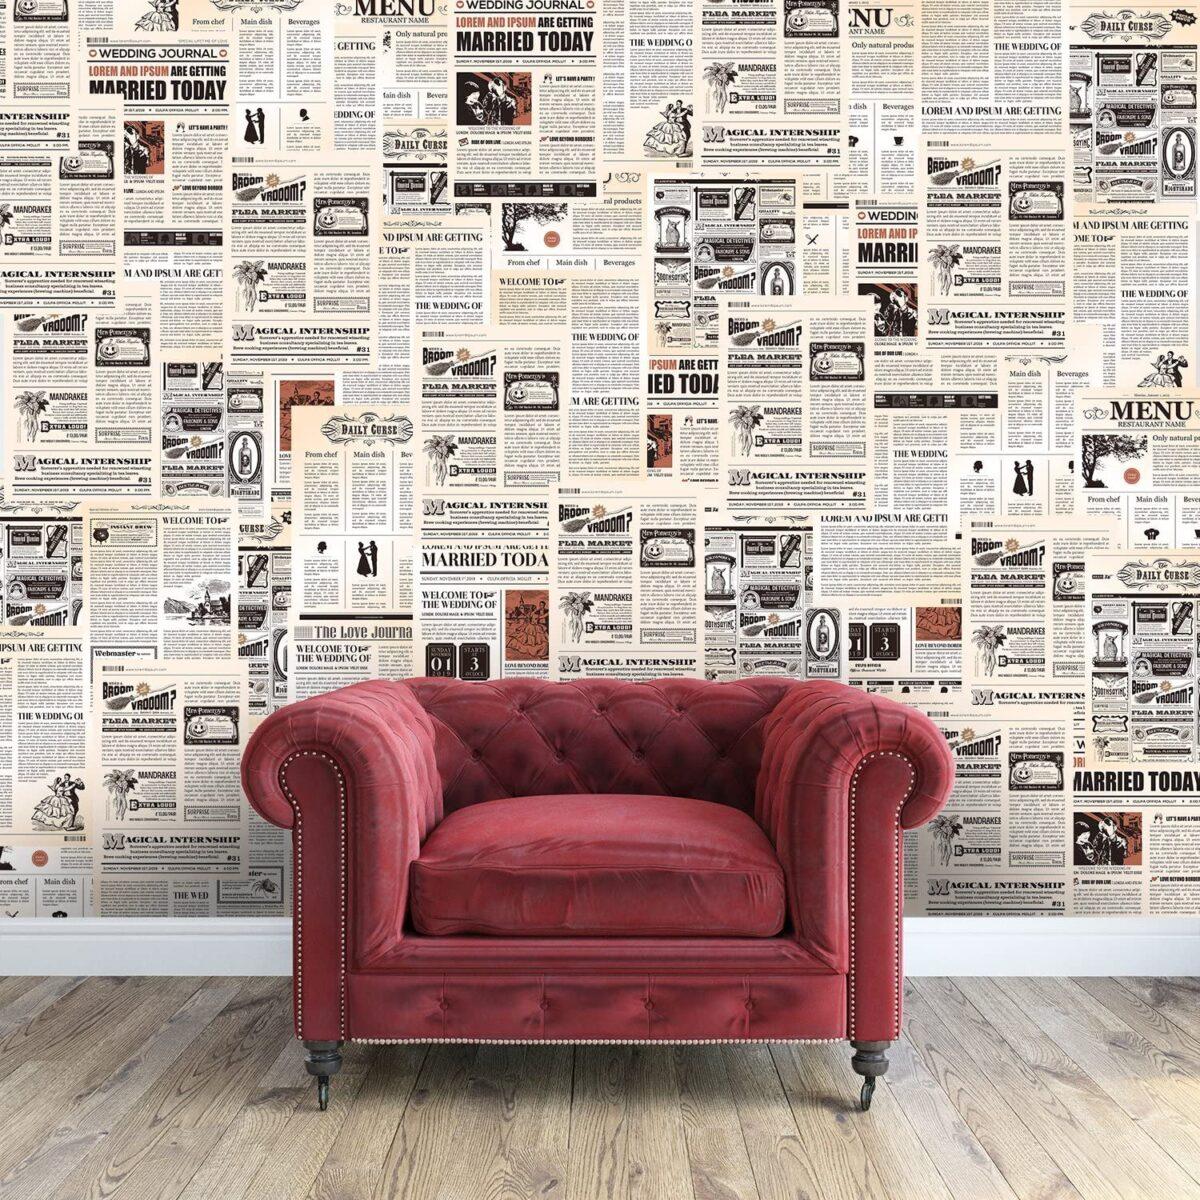 decorare-casa-con-giornali-vecchi-4